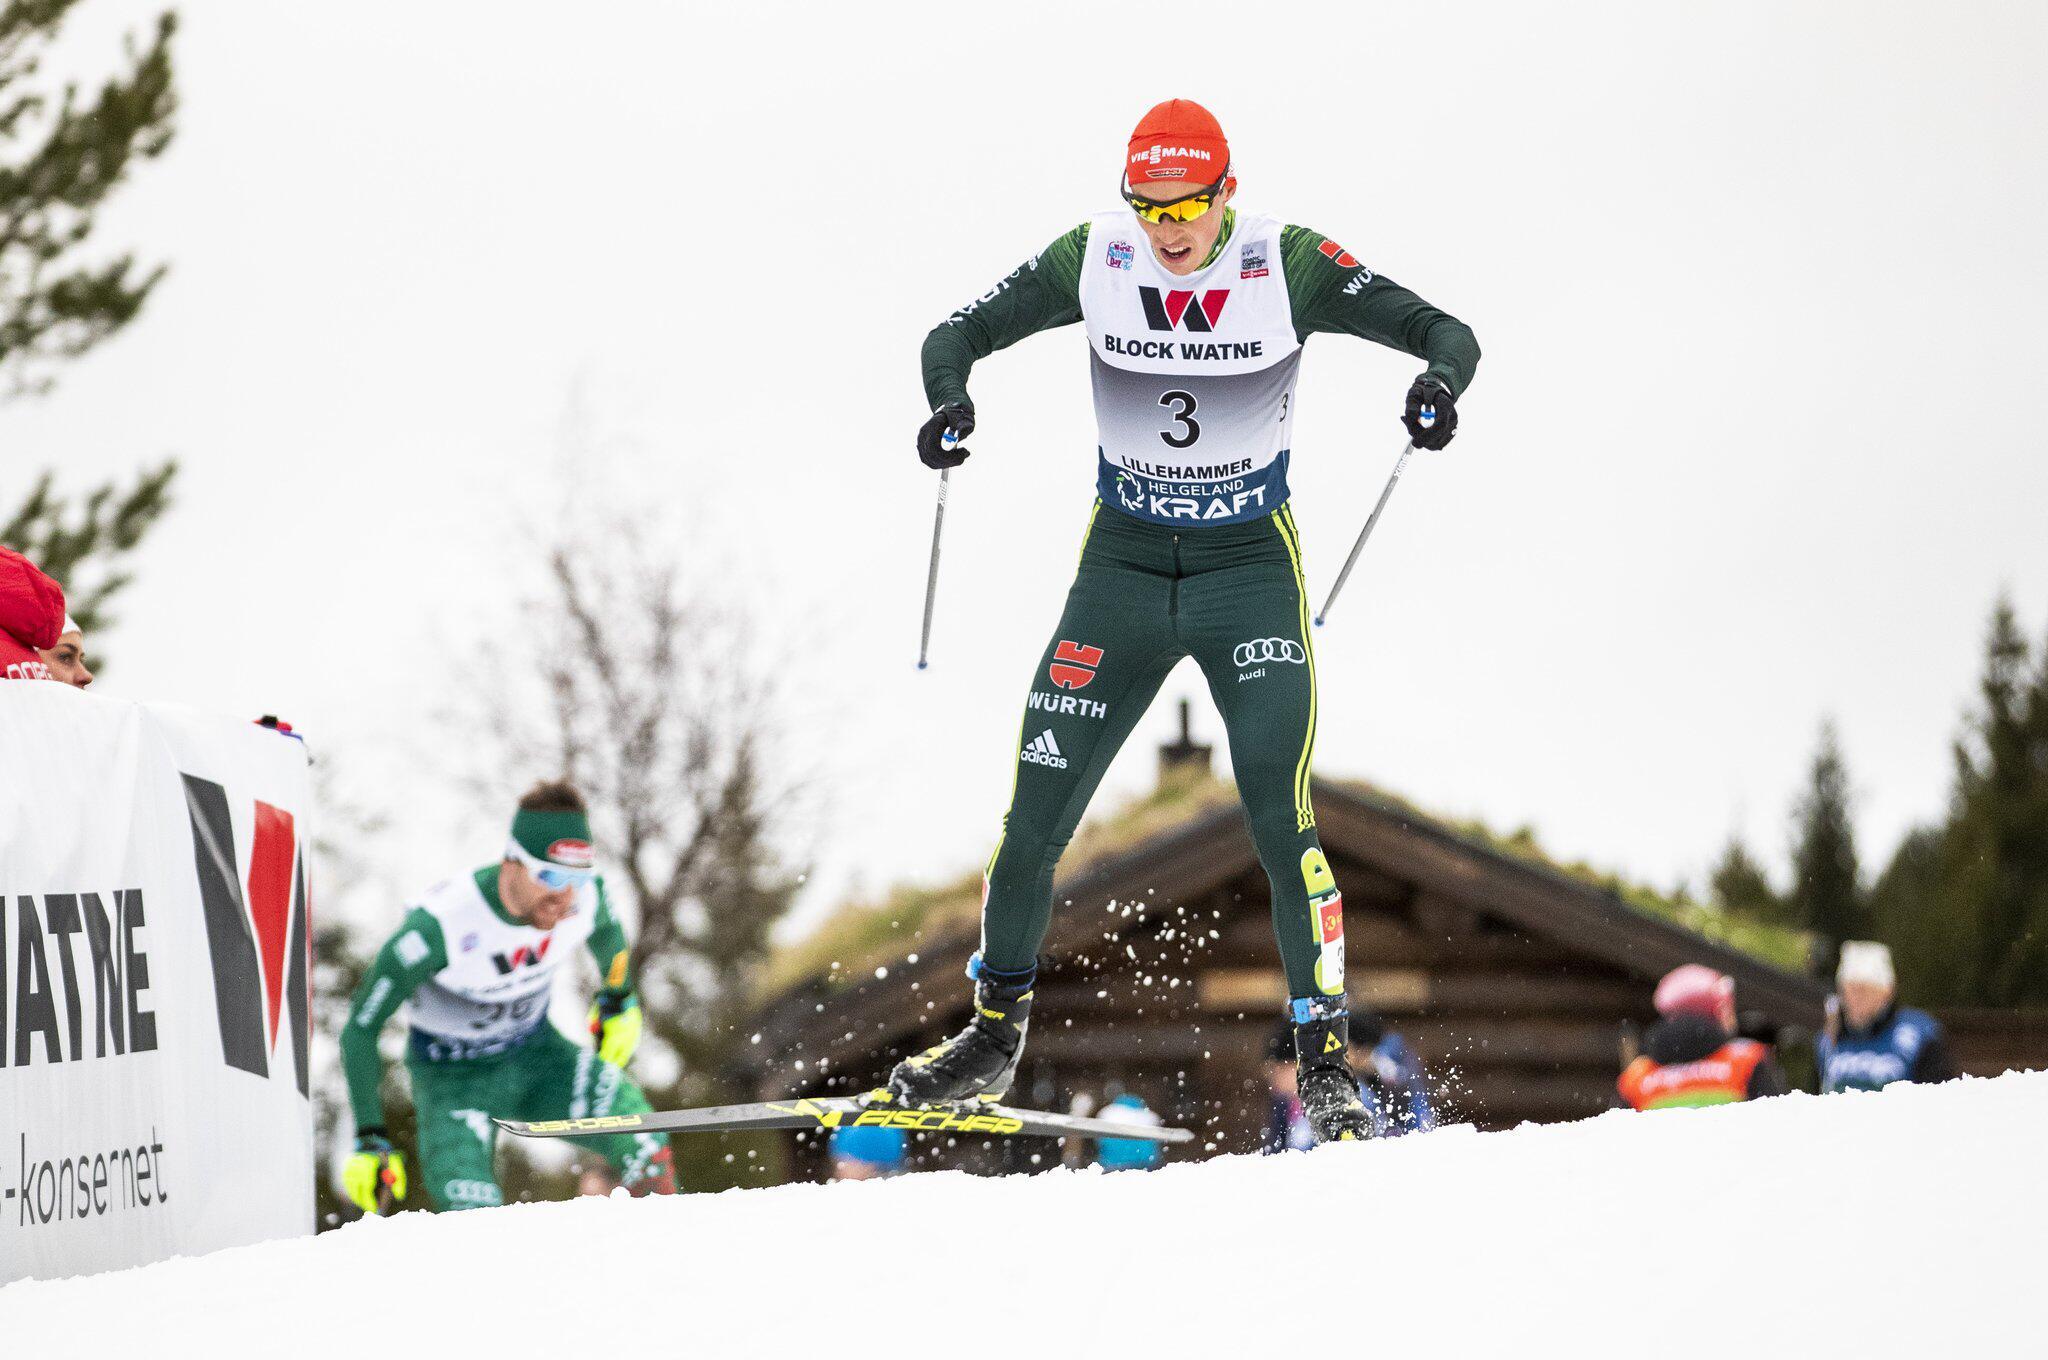 Bild zu Ski nordisch, Kombination, Weltcup, Lillehammer, Eric Frenzel